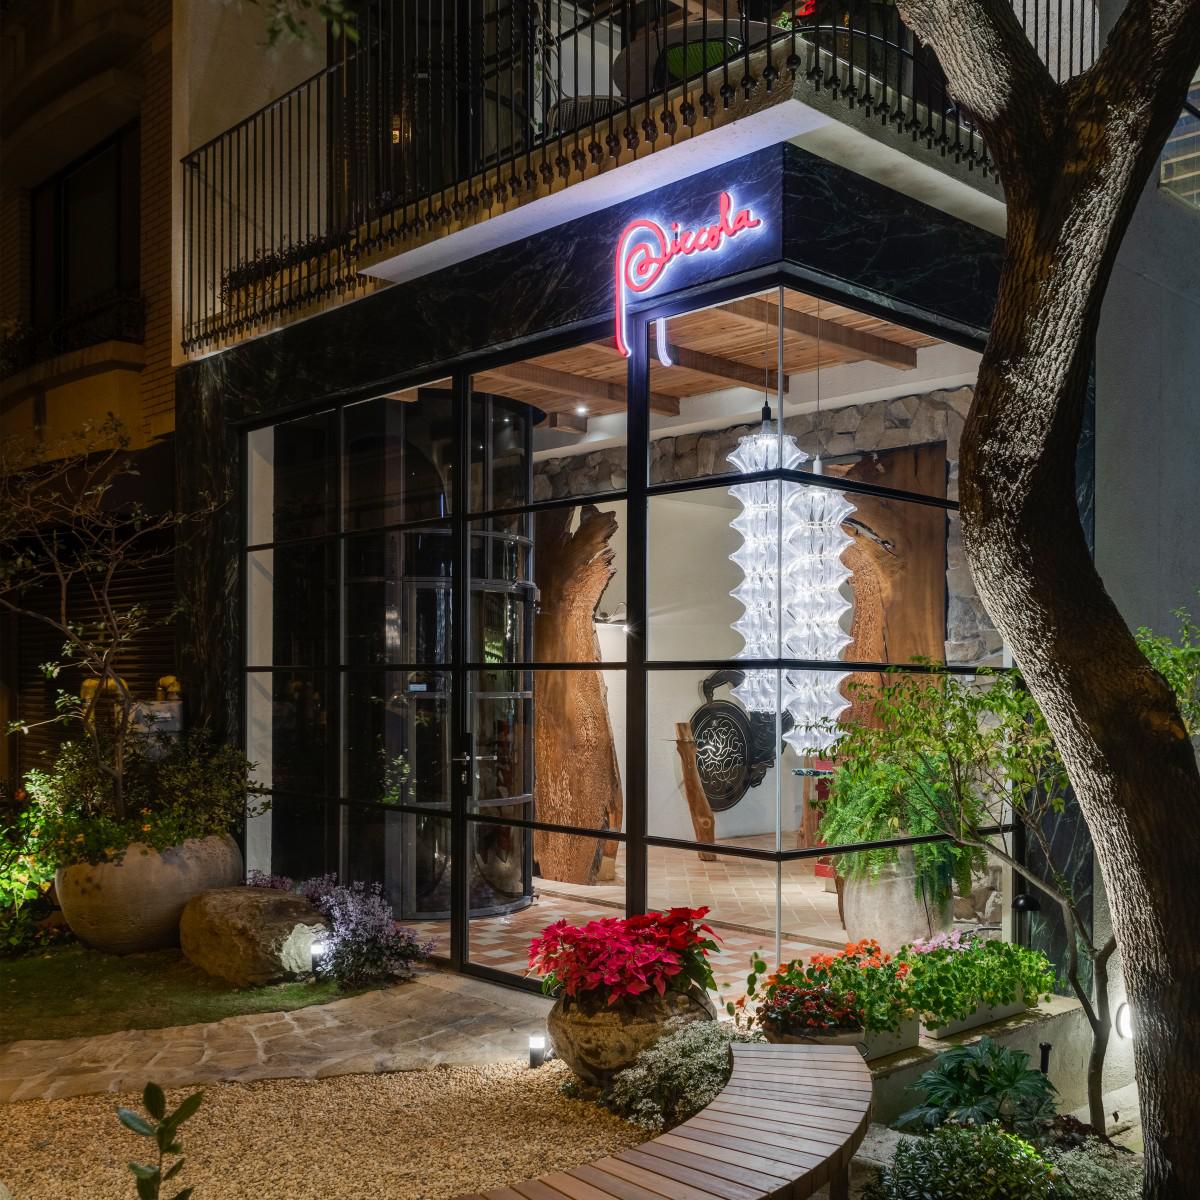 Piccola Enoteca Restaurant